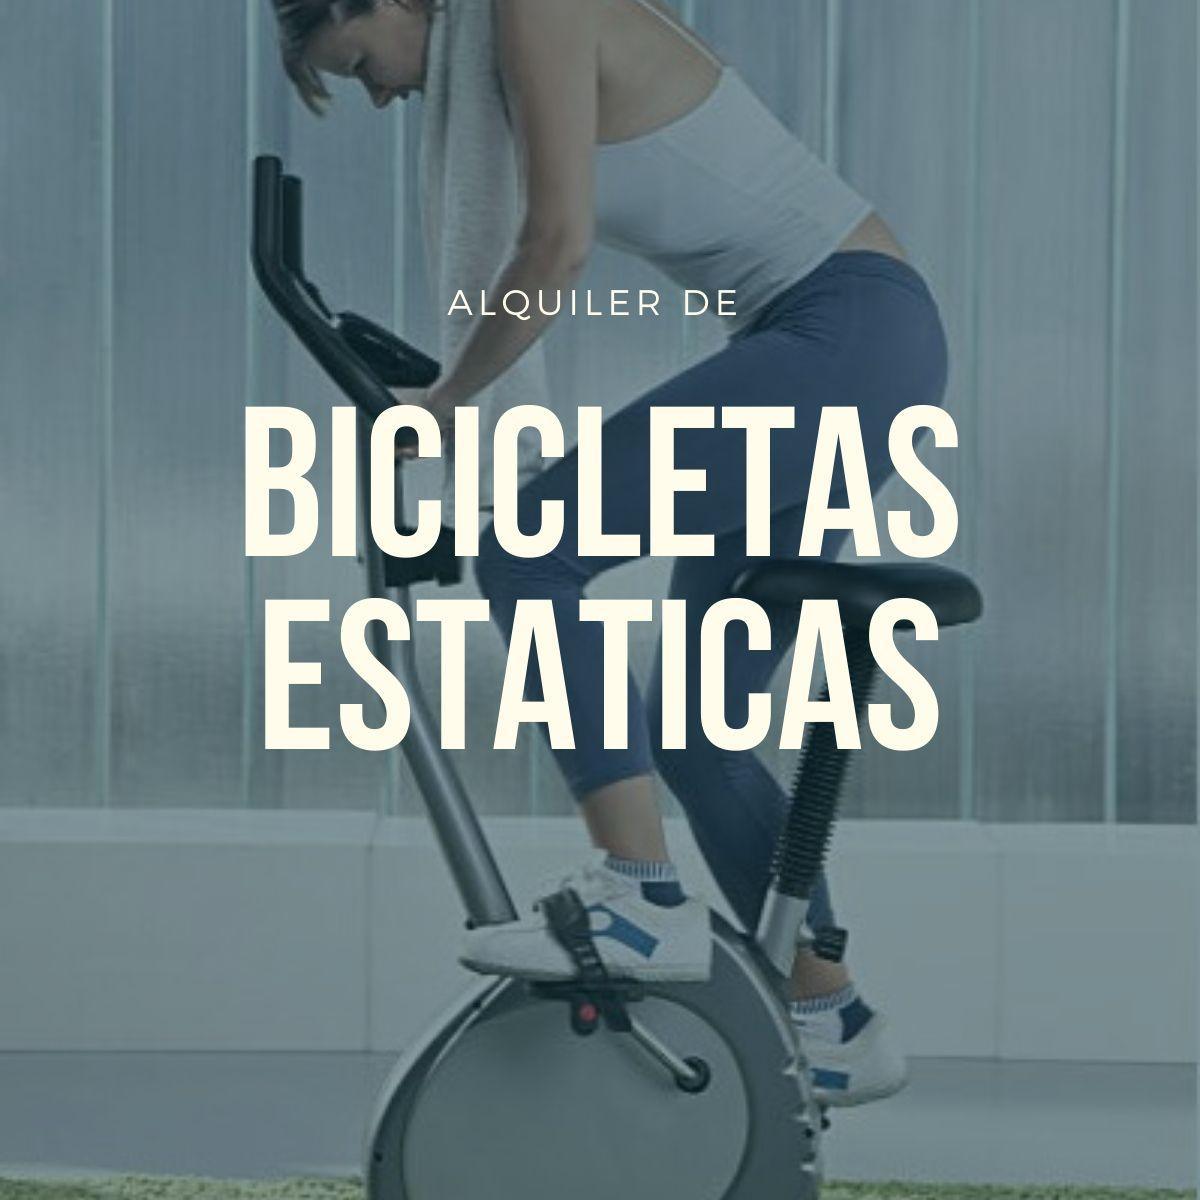 alquiler bicicletas estaticas